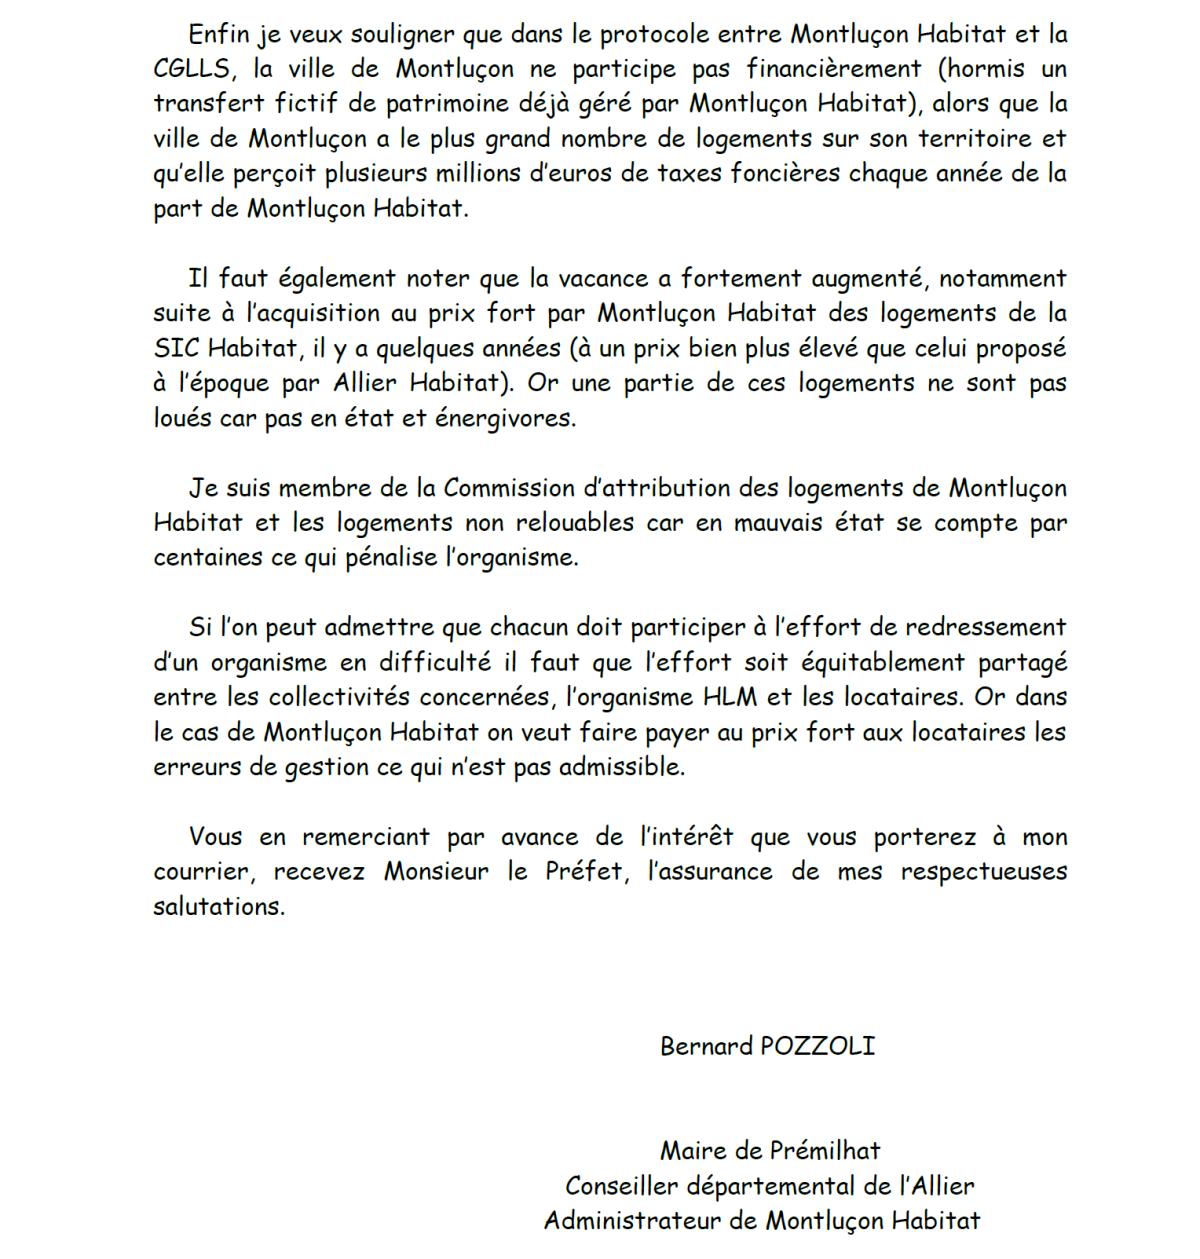 Courrier de Bernard Pozzoli, Maire de Prémilhat et membre du Conseil d'administration de Montluçon Habitat